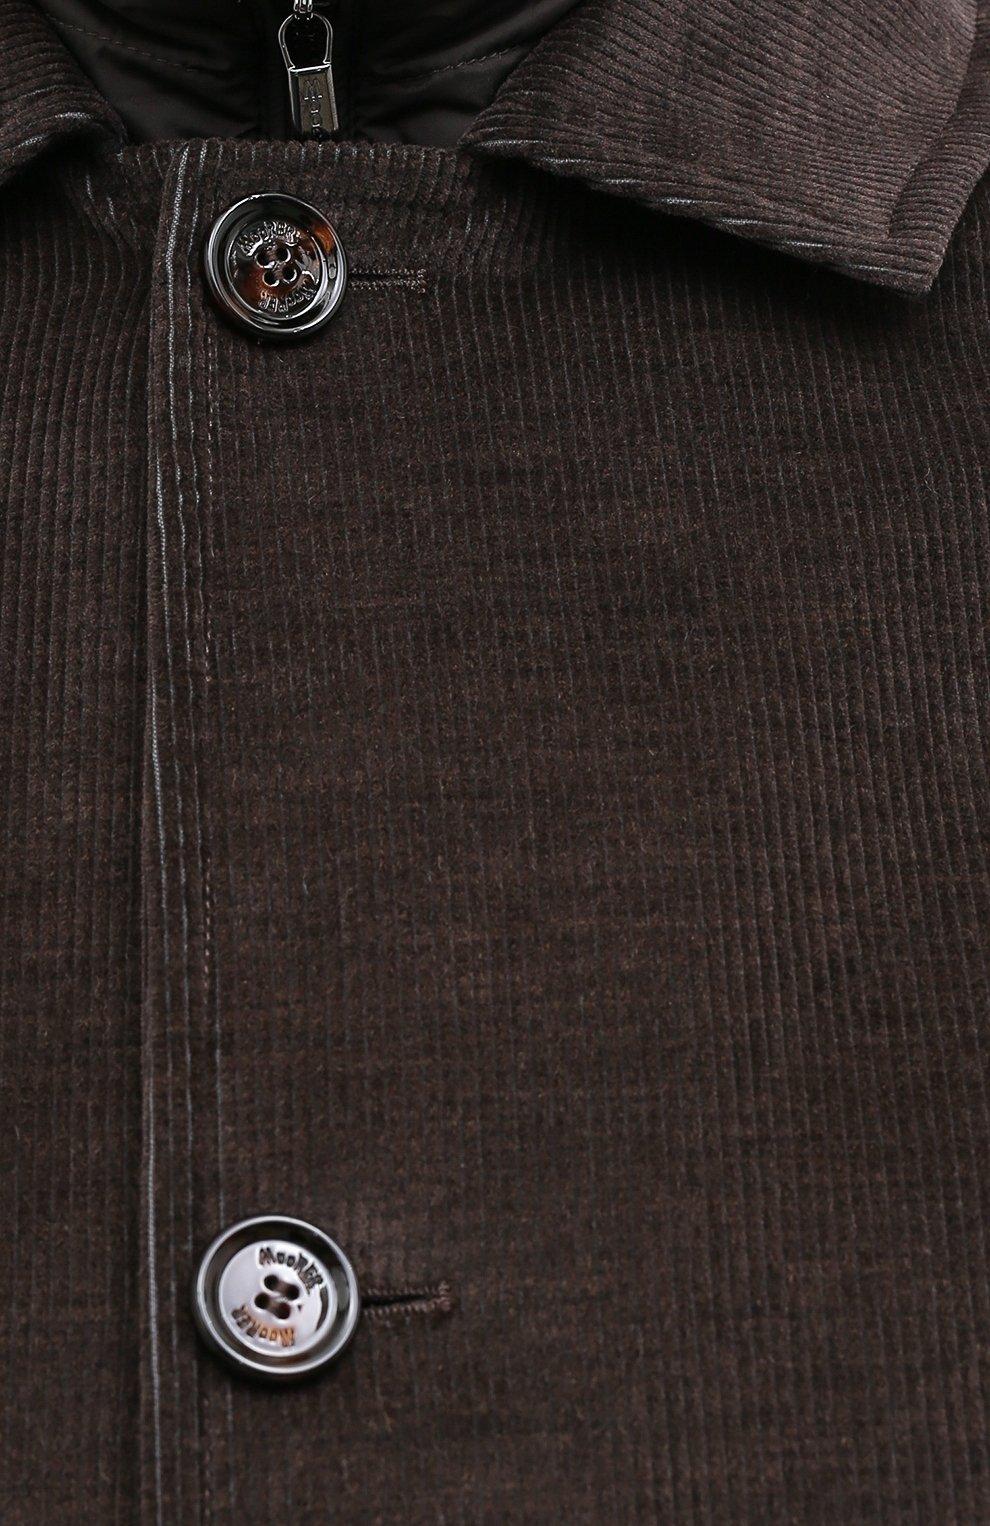 Мужской утепленное пальто из хлопка и шерсти MOORER темно-коричневого цвета, арт. M0NFERRAT0-LUS/A20M910LUSC   Фото 5 (Кросс-КТ: Куртка; Big sizes: Big Sizes; Рукава: Длинные; Материал внешний: Хлопок; Мужское Кросс-КТ: Куртка-верхняя одежда, Верхняя одежда, пальто-верхняя одежда; Материал подклада: Синтетический материал; Стили: Кэжуэл)